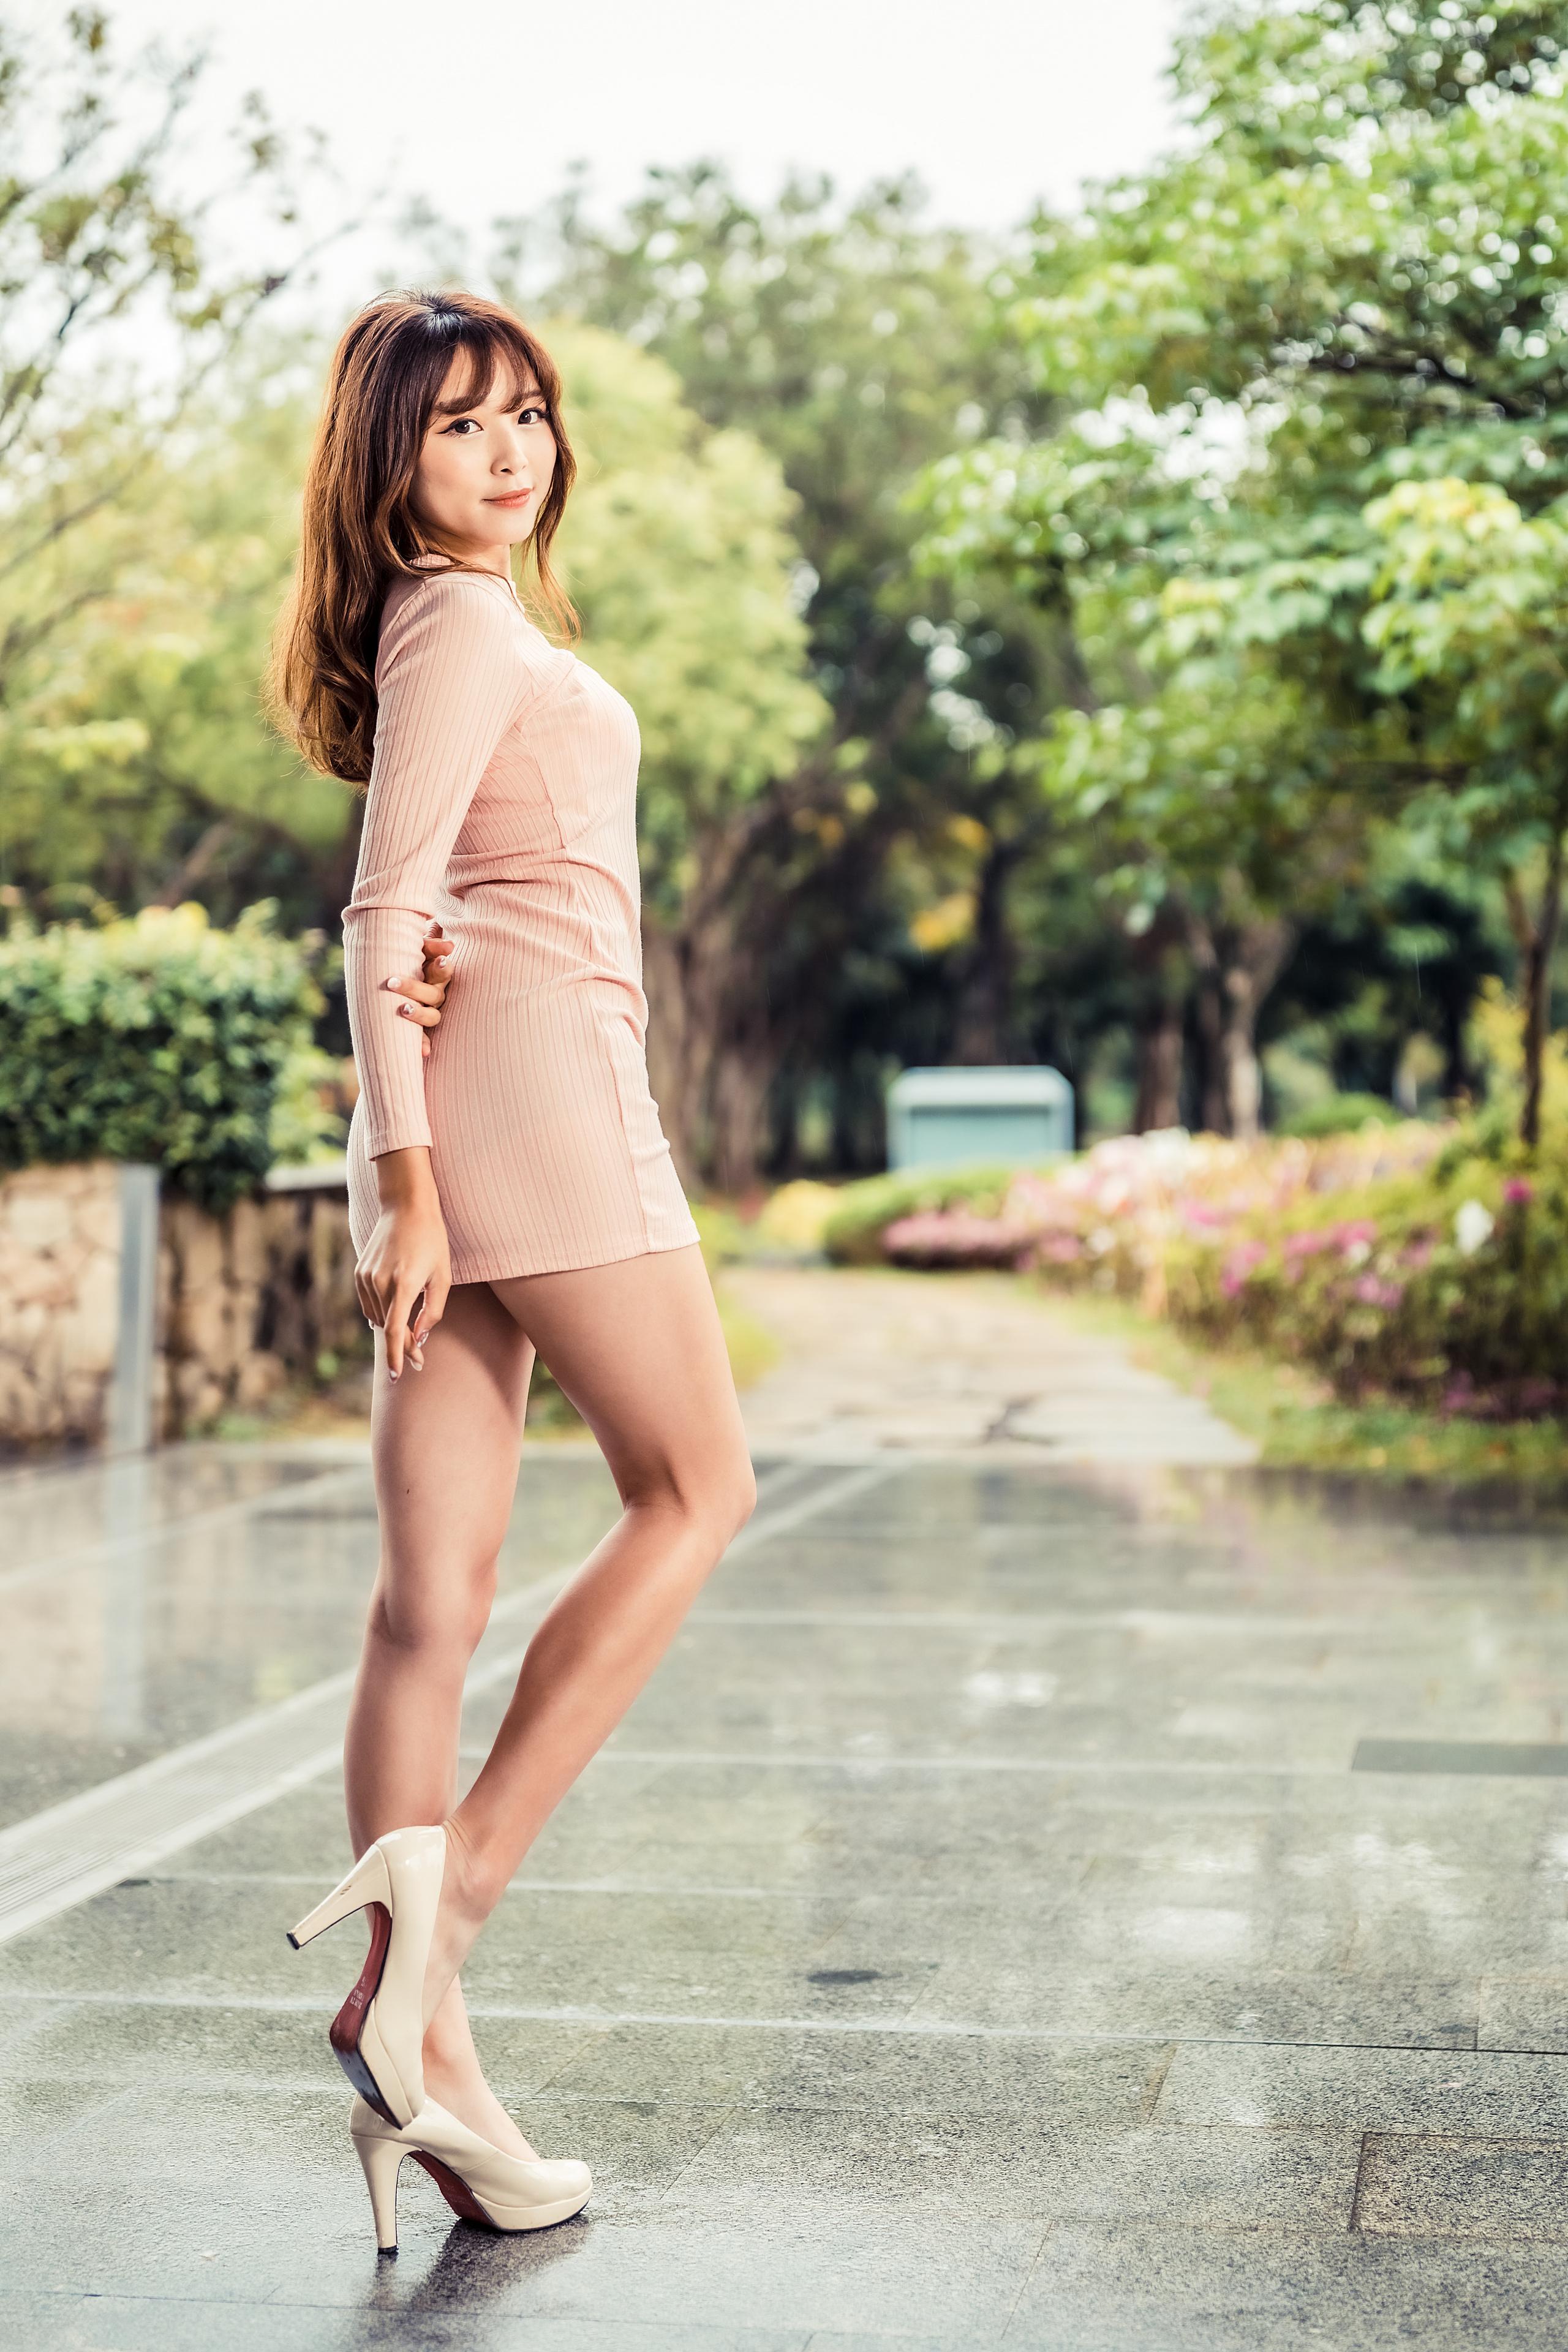 Foto Braune Haare posiert Mädchens Bein asiatisches Starren Kleid High Heels  für Handy Braunhaarige Pose junge frau junge Frauen Asiaten Asiatische Blick Stöckelschuh